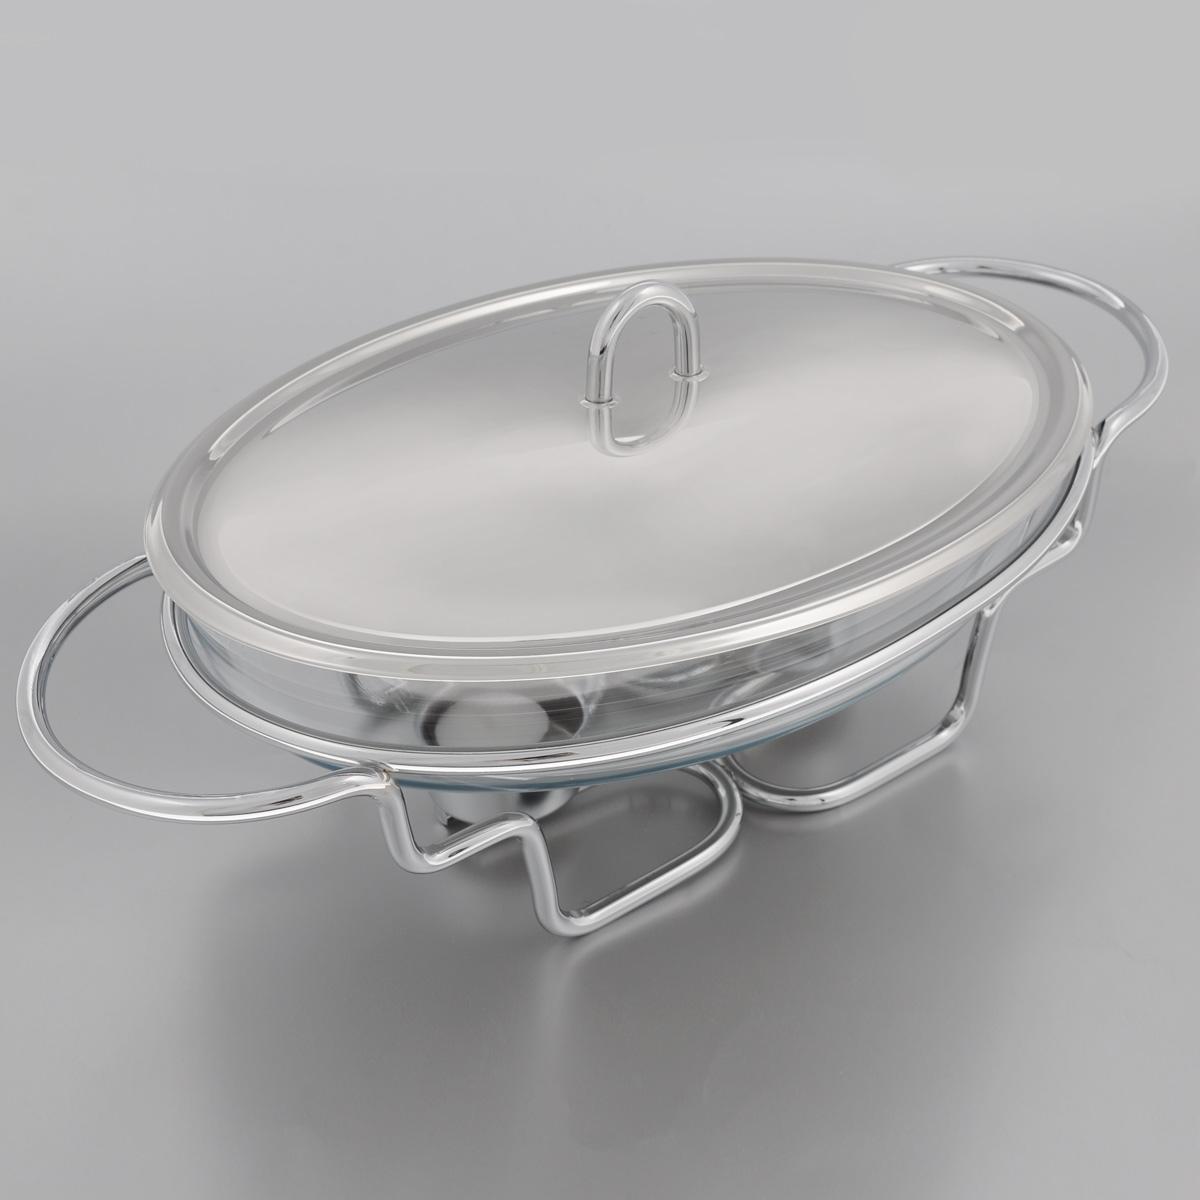 Мармит Mayer & Boch, с подогревом, 2 л20883Мармит Mayer & Boch, изготовленный из стекла и нержавеющей стали, позволит вам довольно длительное время сохранять температуру блюда и создаст романтическую обстановку. Мармит предназначен для приготовления блюд в духовке и микроволновой печи. Благодаря красивому дизайну мармит можно сразу подавать на стол, не перекладывая блюдо на сервировочные тарелки. Его действие основано на принципе водяной бани. Под емкостью установлено 2 свечи (входят в комплект), которые, в свою очередь, нагревают продукты. Таким образом, данное кухонное приспособление - превосходный способ не дать блюду остыть. При этом пища не пригорает, не пересыхает, сохраняет все свои питательные и вкусовые качества. Стеклянное блюдо можно использовать в микроволновой печи и духовке. Можно мыть в посудомоечной машине и ставить в холодильник. Размер блюда (по верхнему краю): 30 х 21 см.Ширина мармита (с учетом ручек): 42 см.Высота мармита: 11 см.Диаметр свечи: 3,7 см.